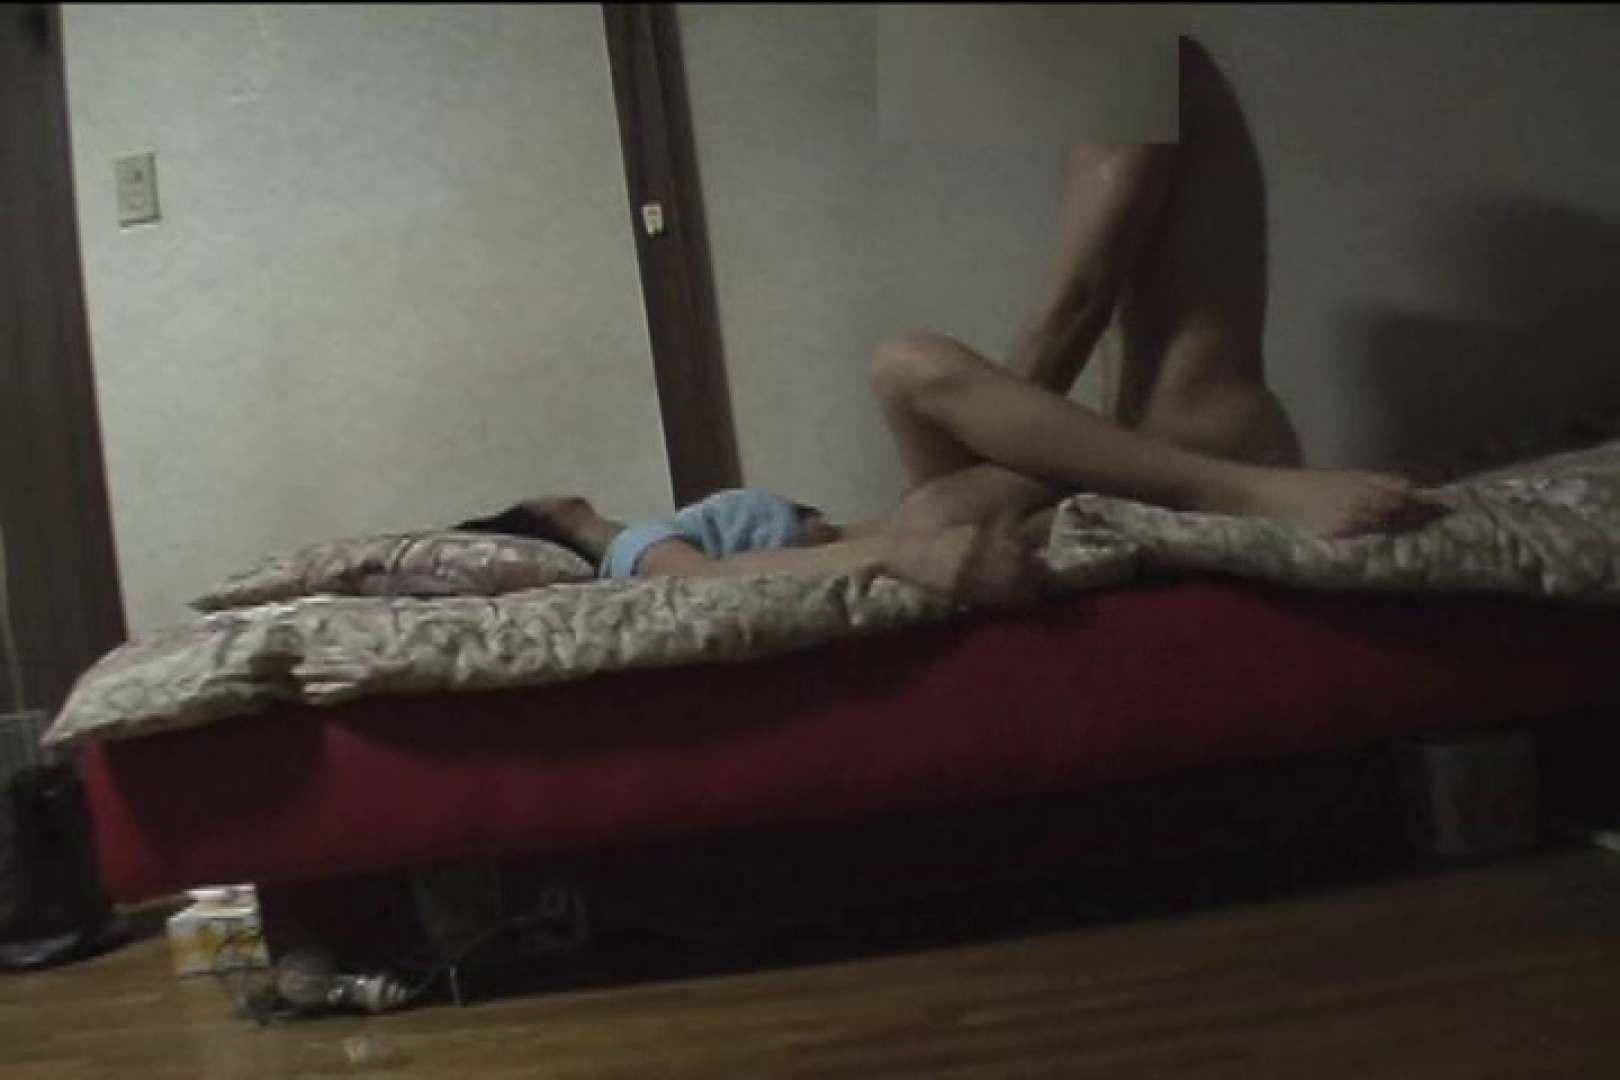 れる泥酔女7 美女丸裸  76pic 6